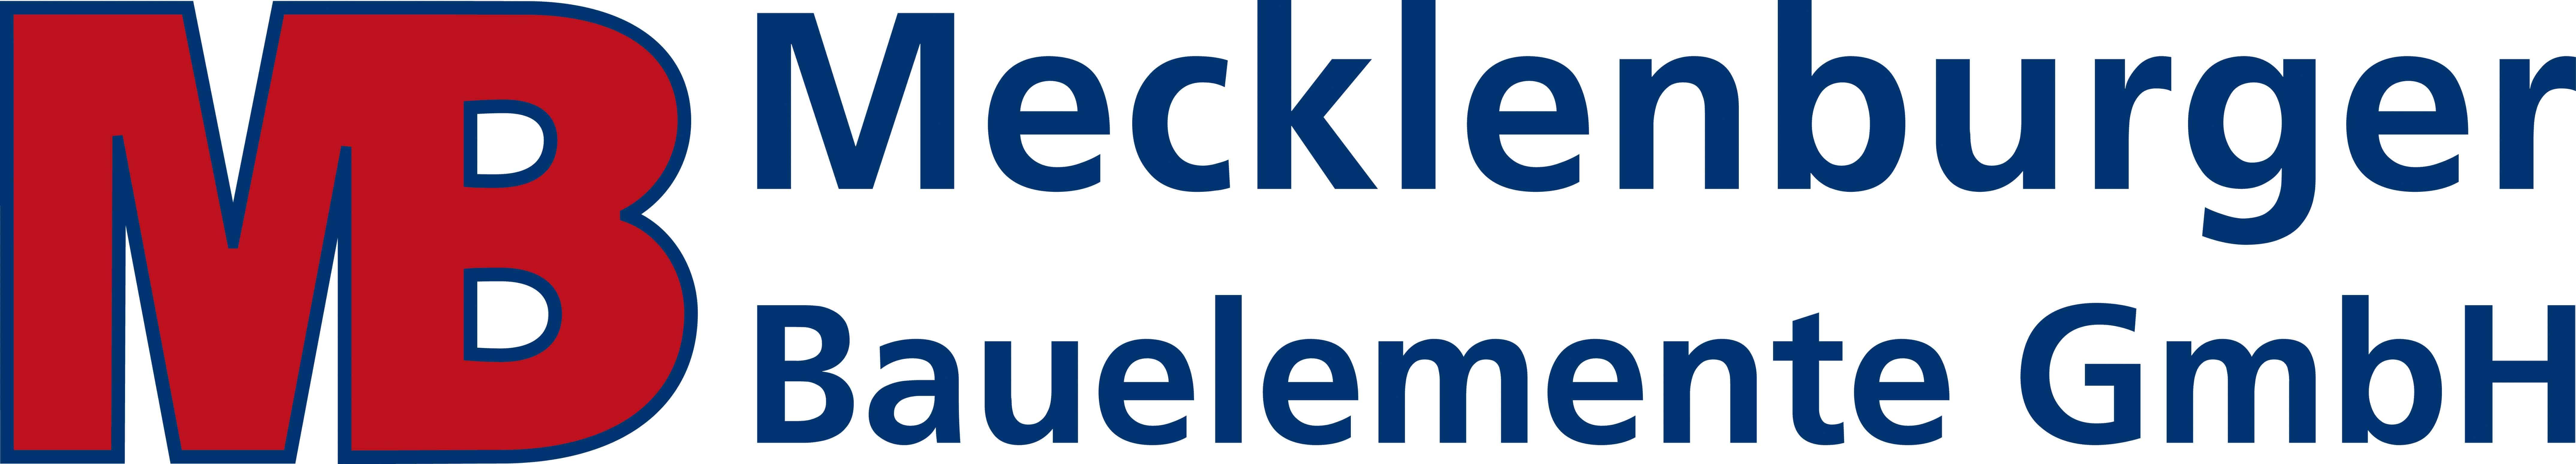 Mecklenburger Bauelemente GmbH Logo